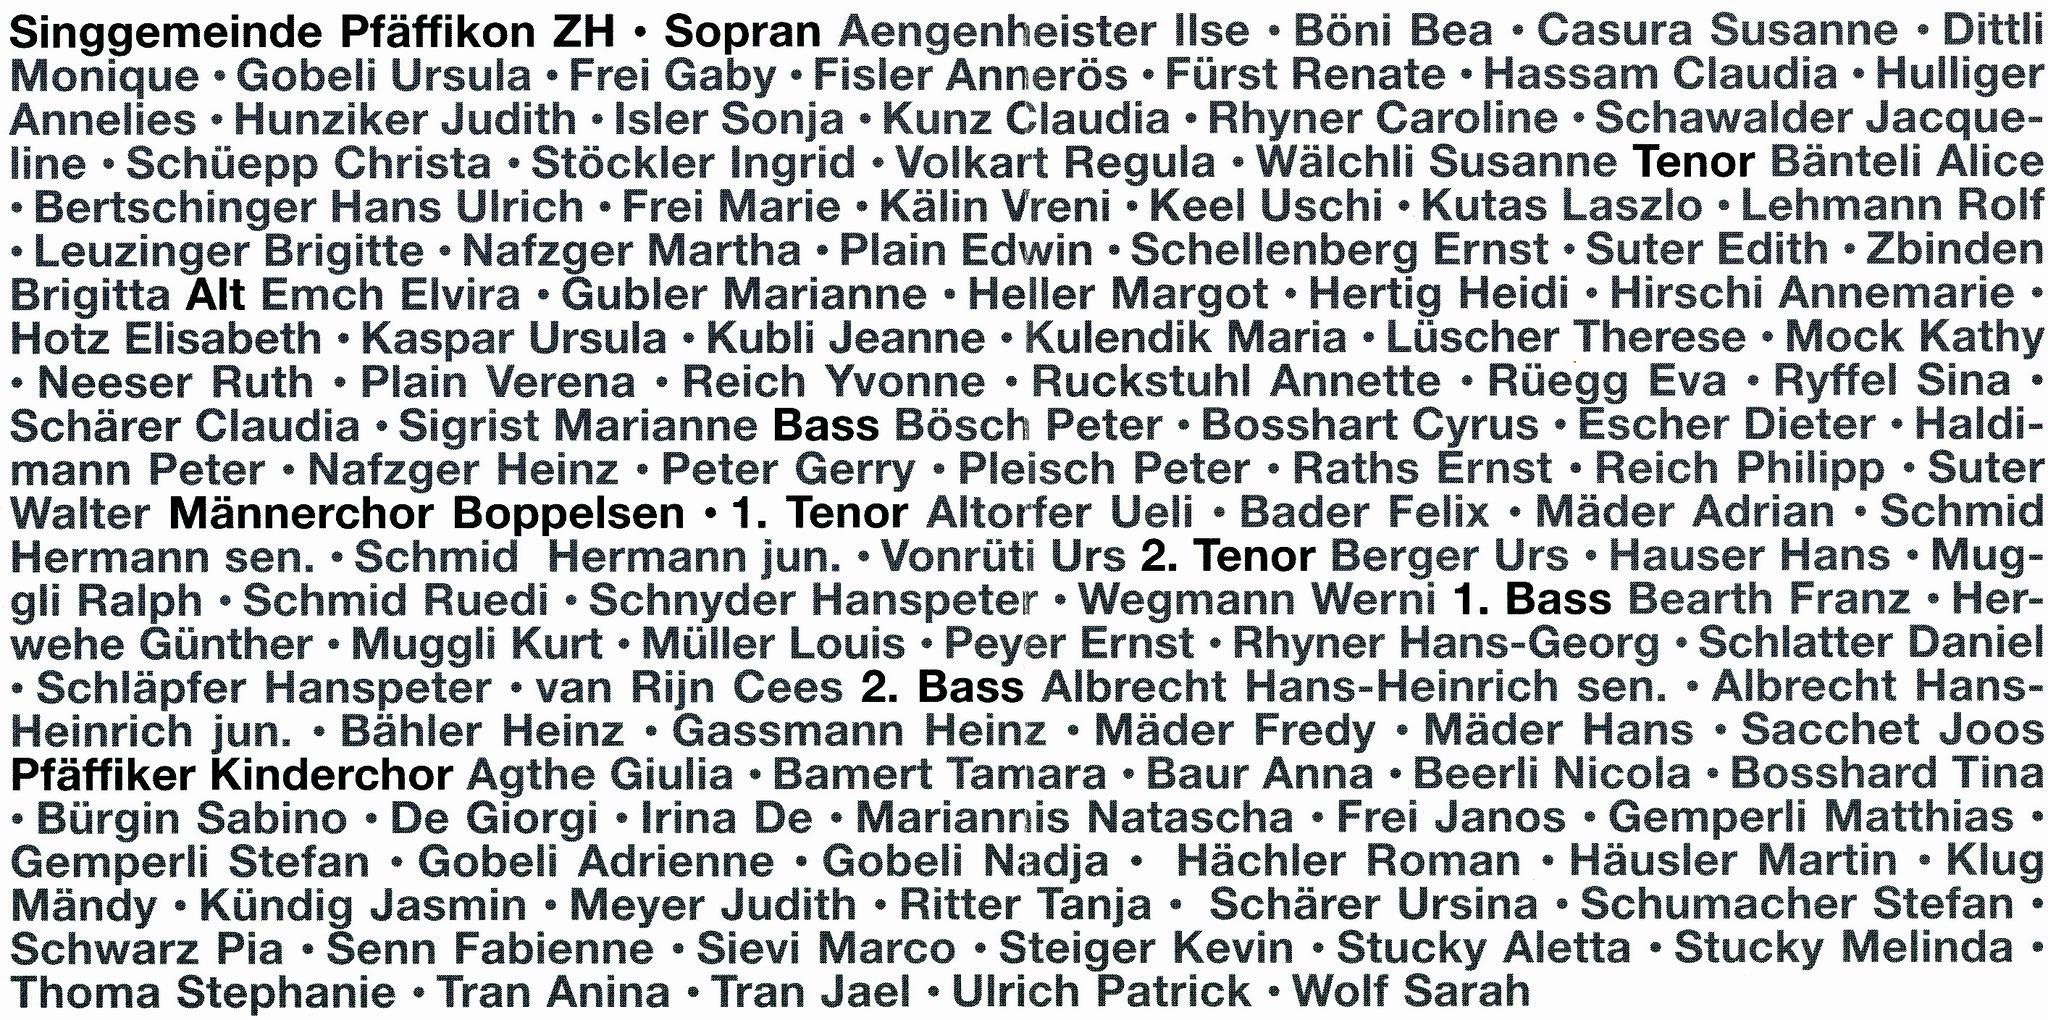 CD Booklet innen::Namen aller Beteiligten